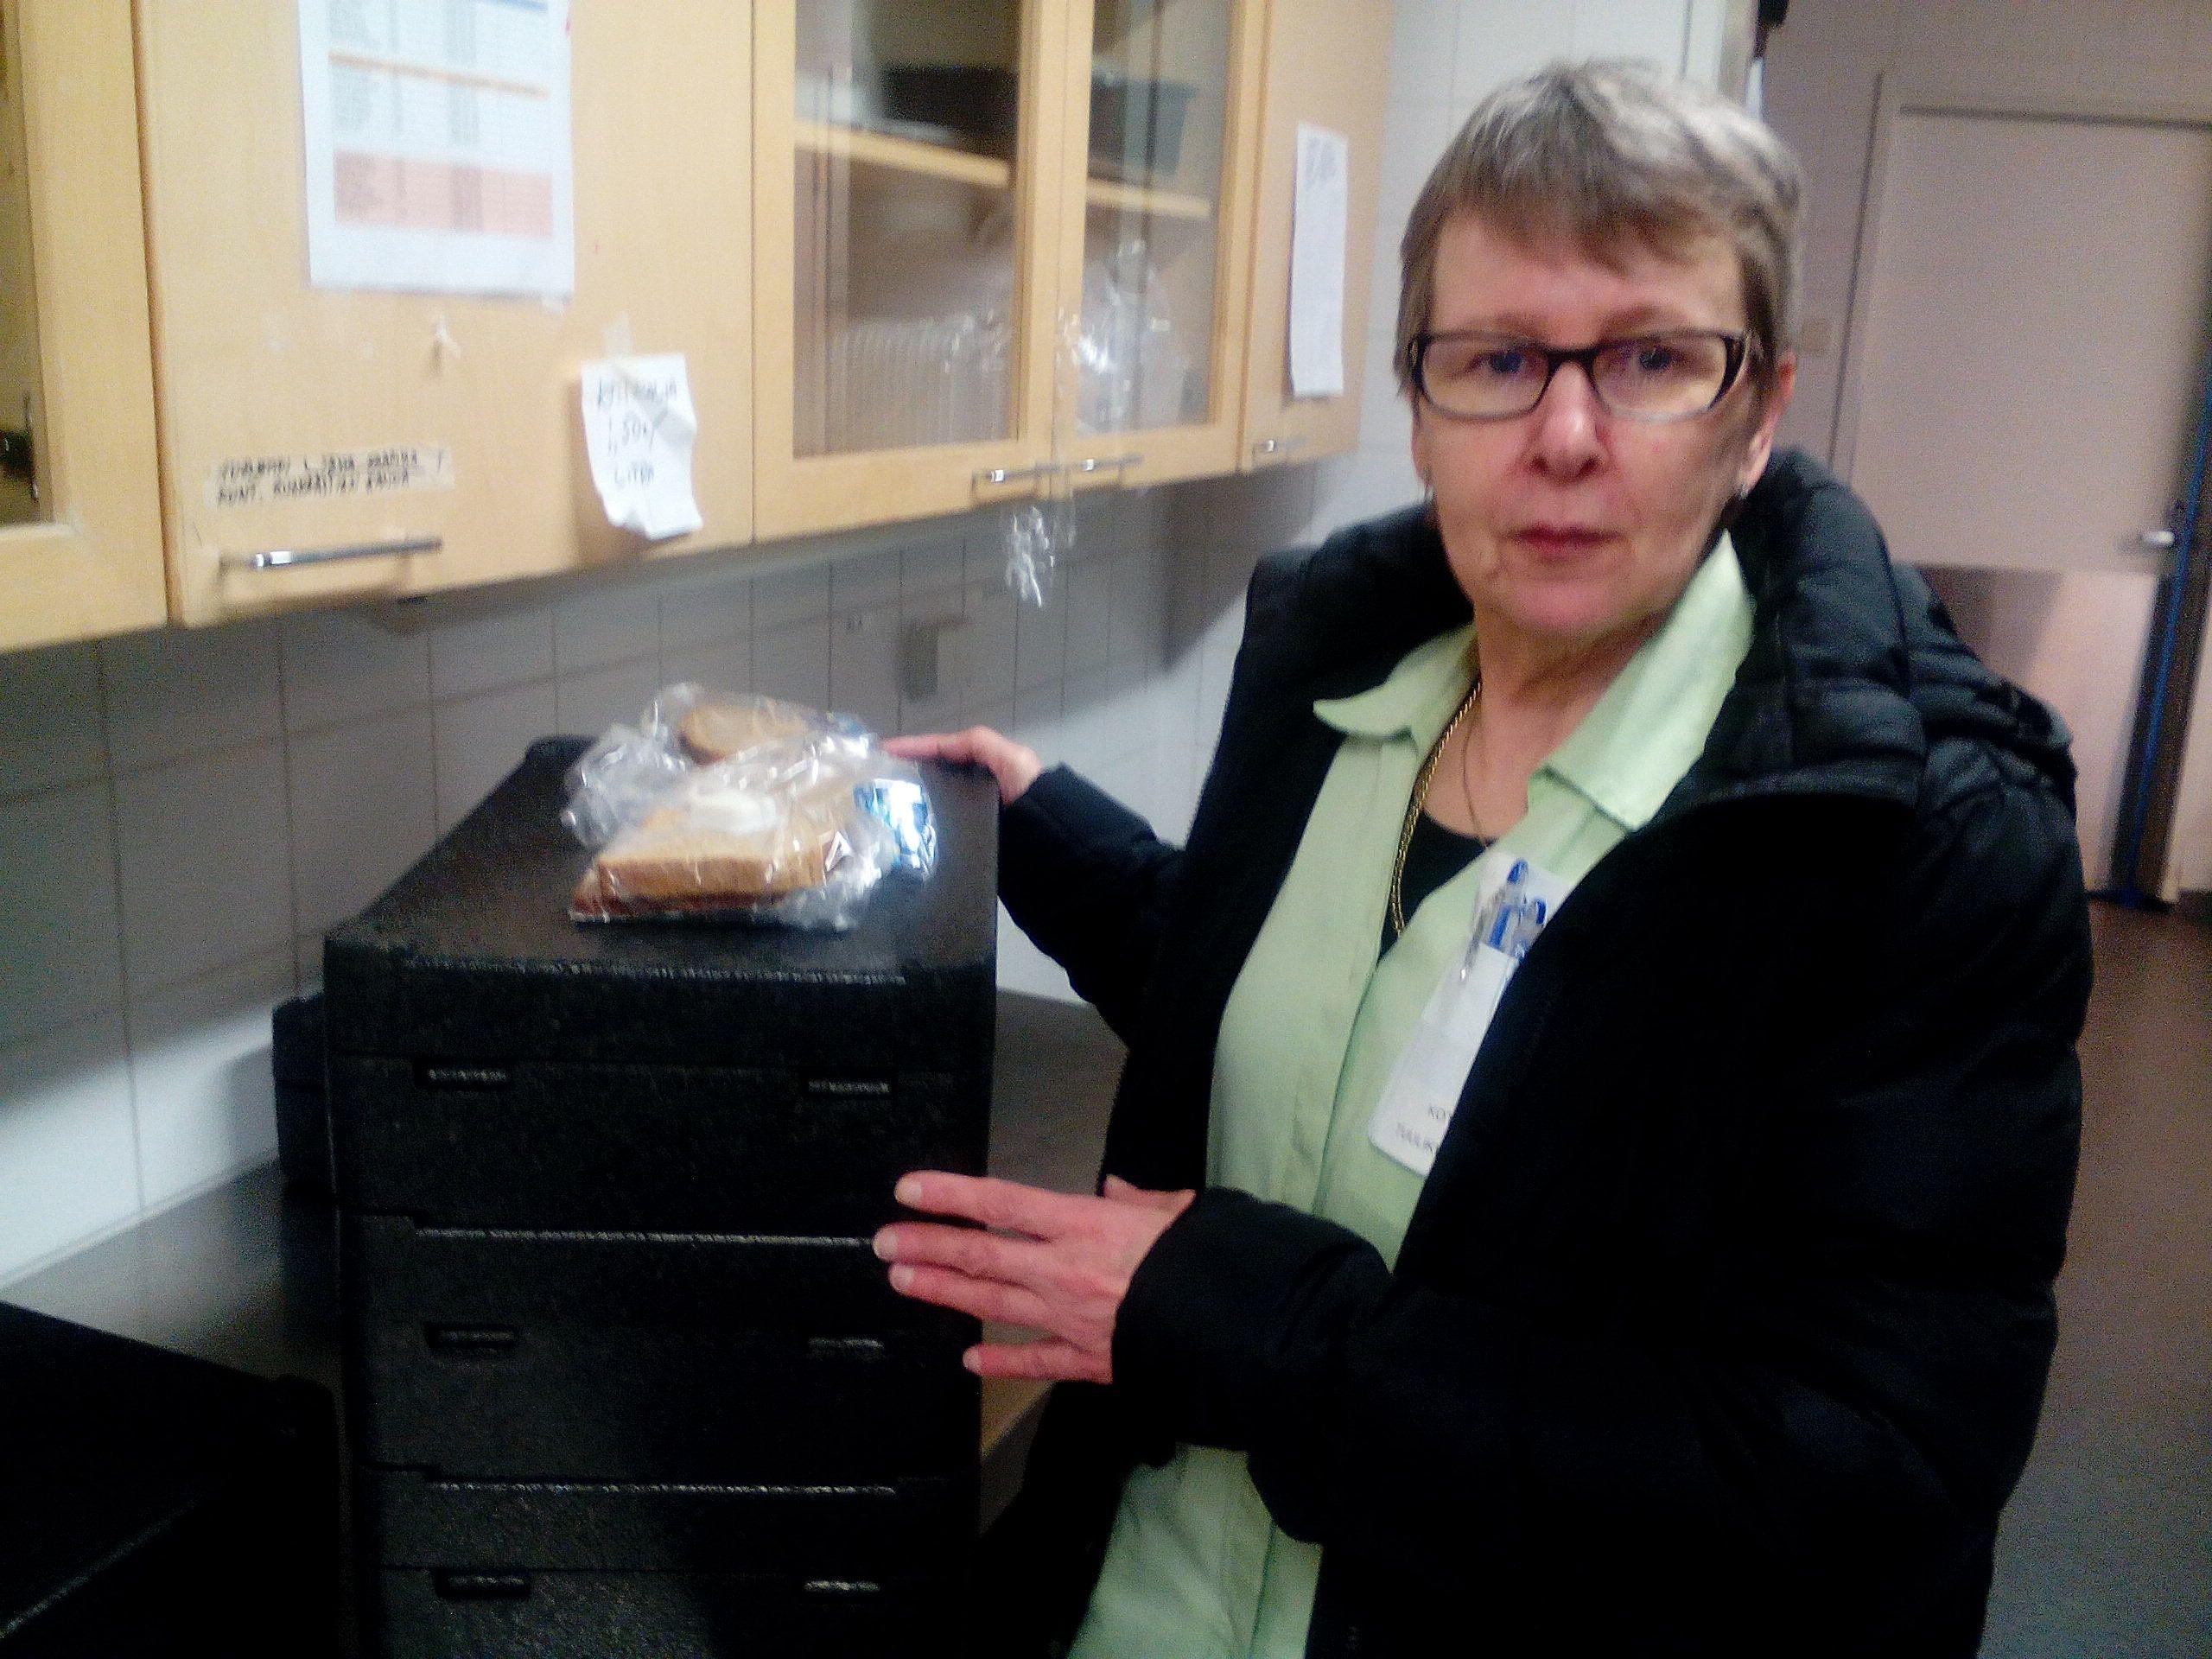 Tuulikki noutamassa aterioita kotipalvelun asiakkaille koteihin! Vanhuksen ruokailussa avustus myös hoituu samalla.